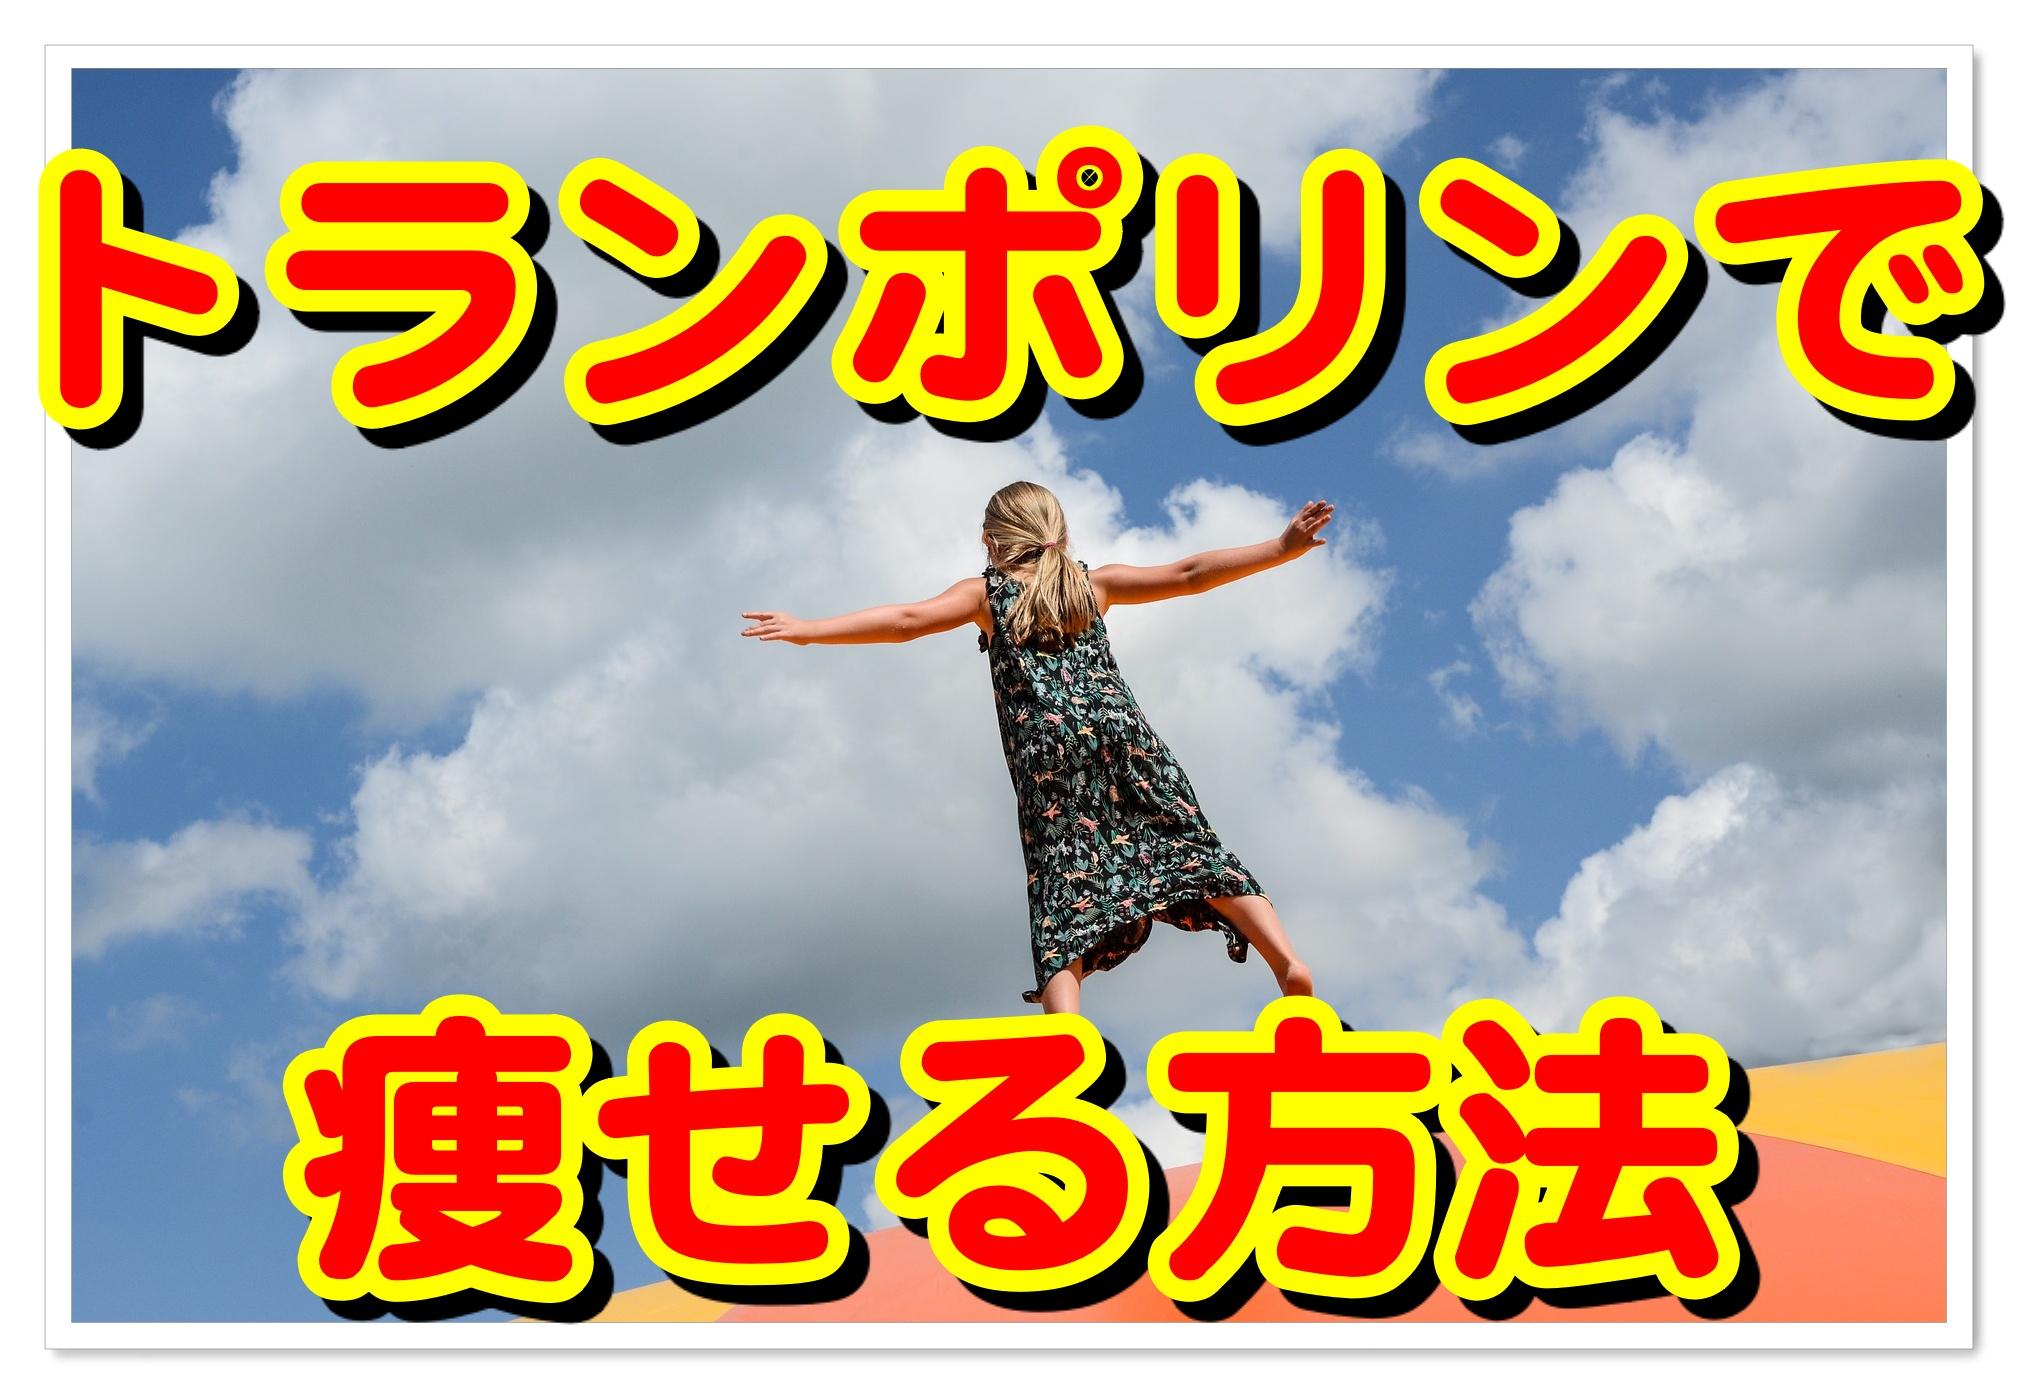 トランポリンダイエットの方法【最良の跳び方、時間、頻度】